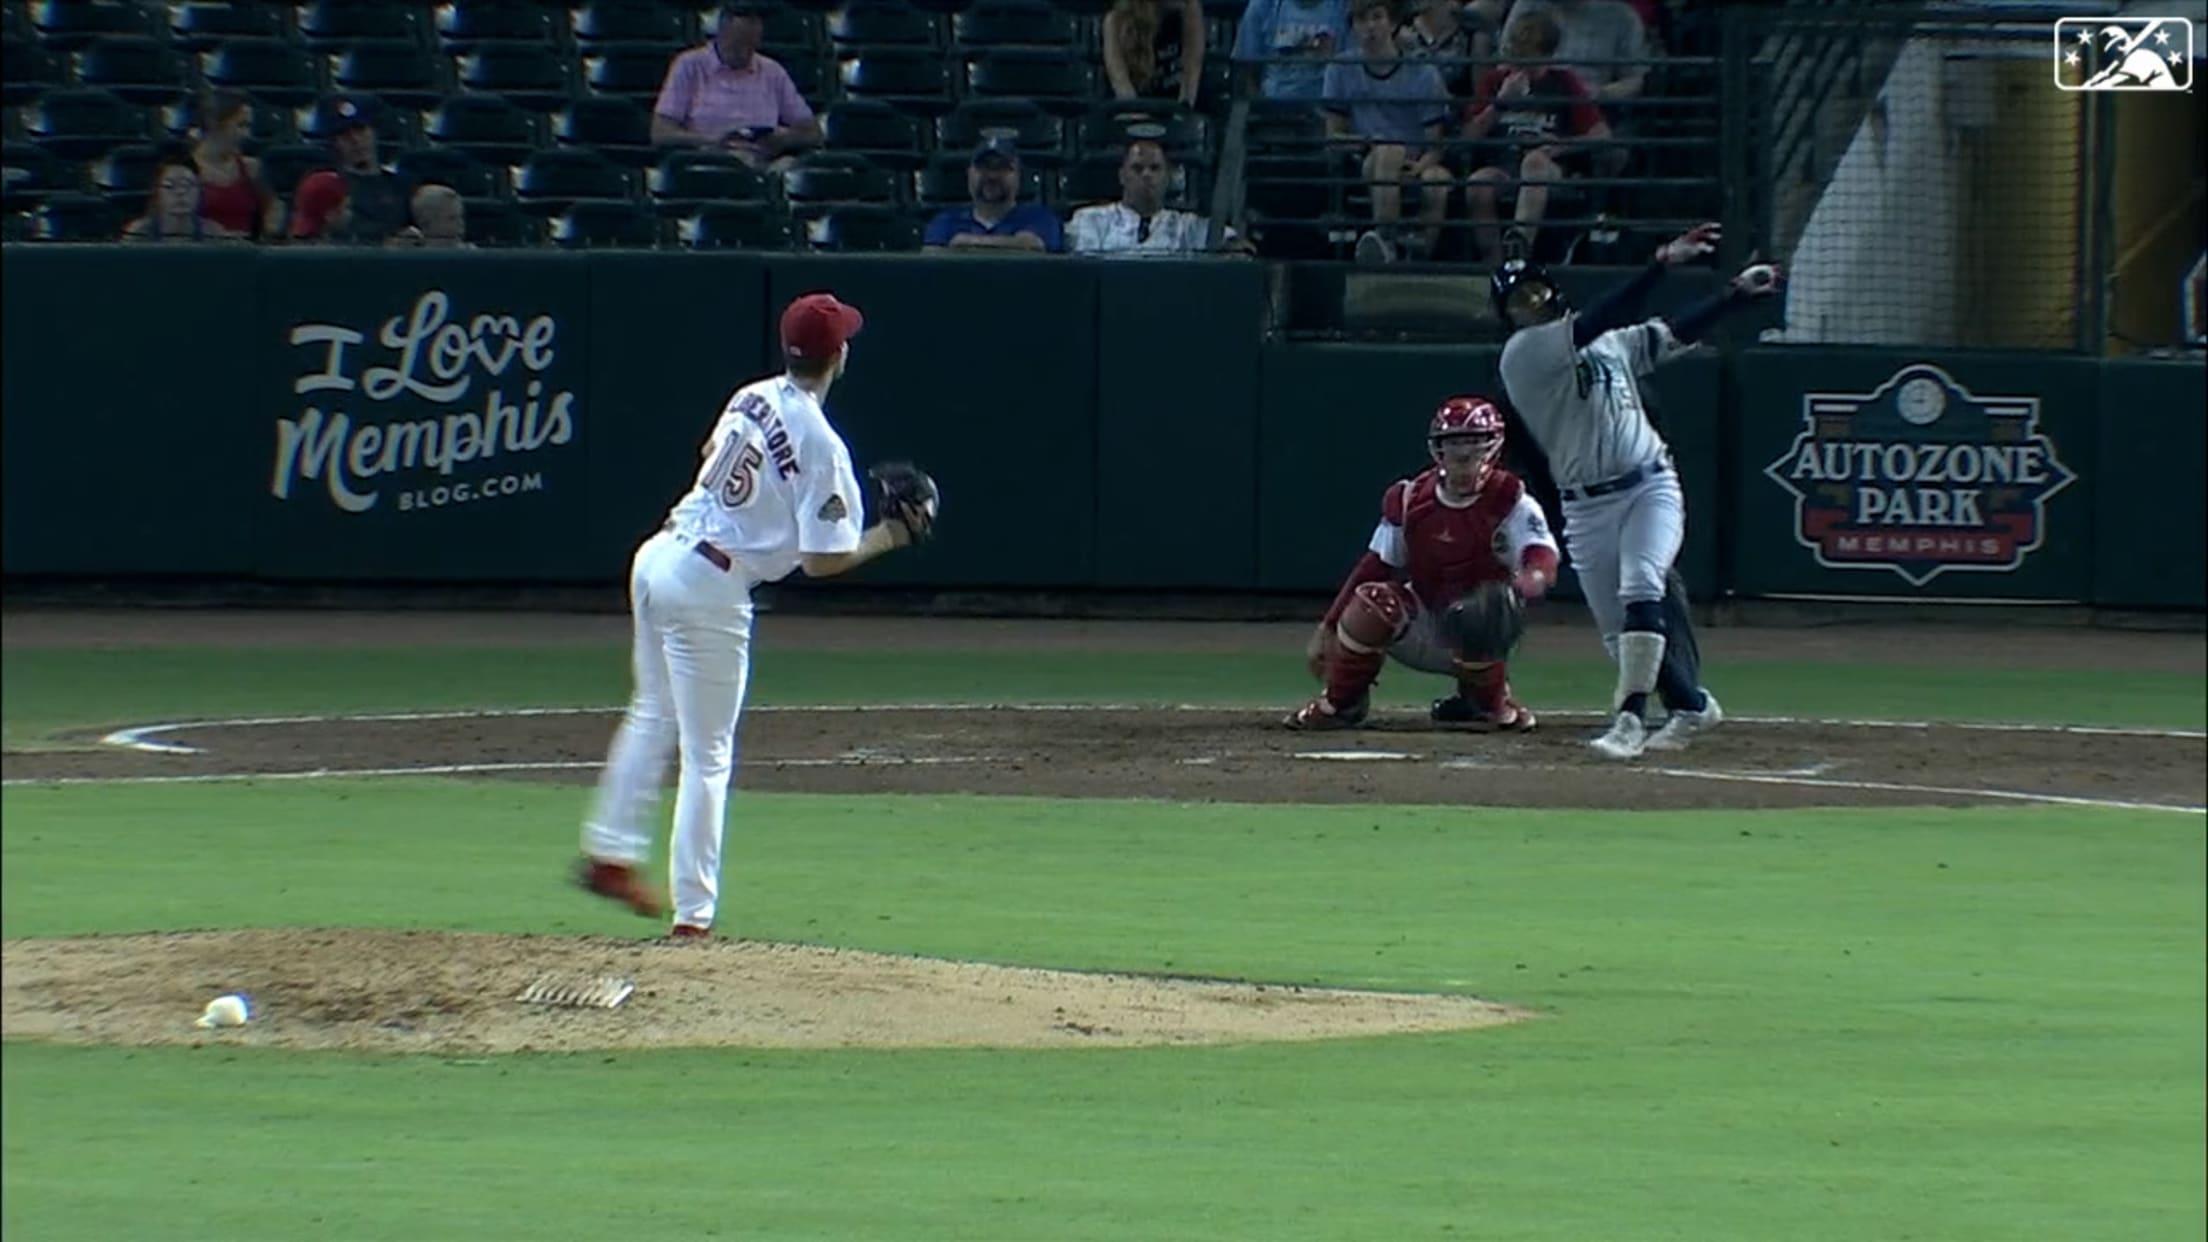 Pache belts a long home run